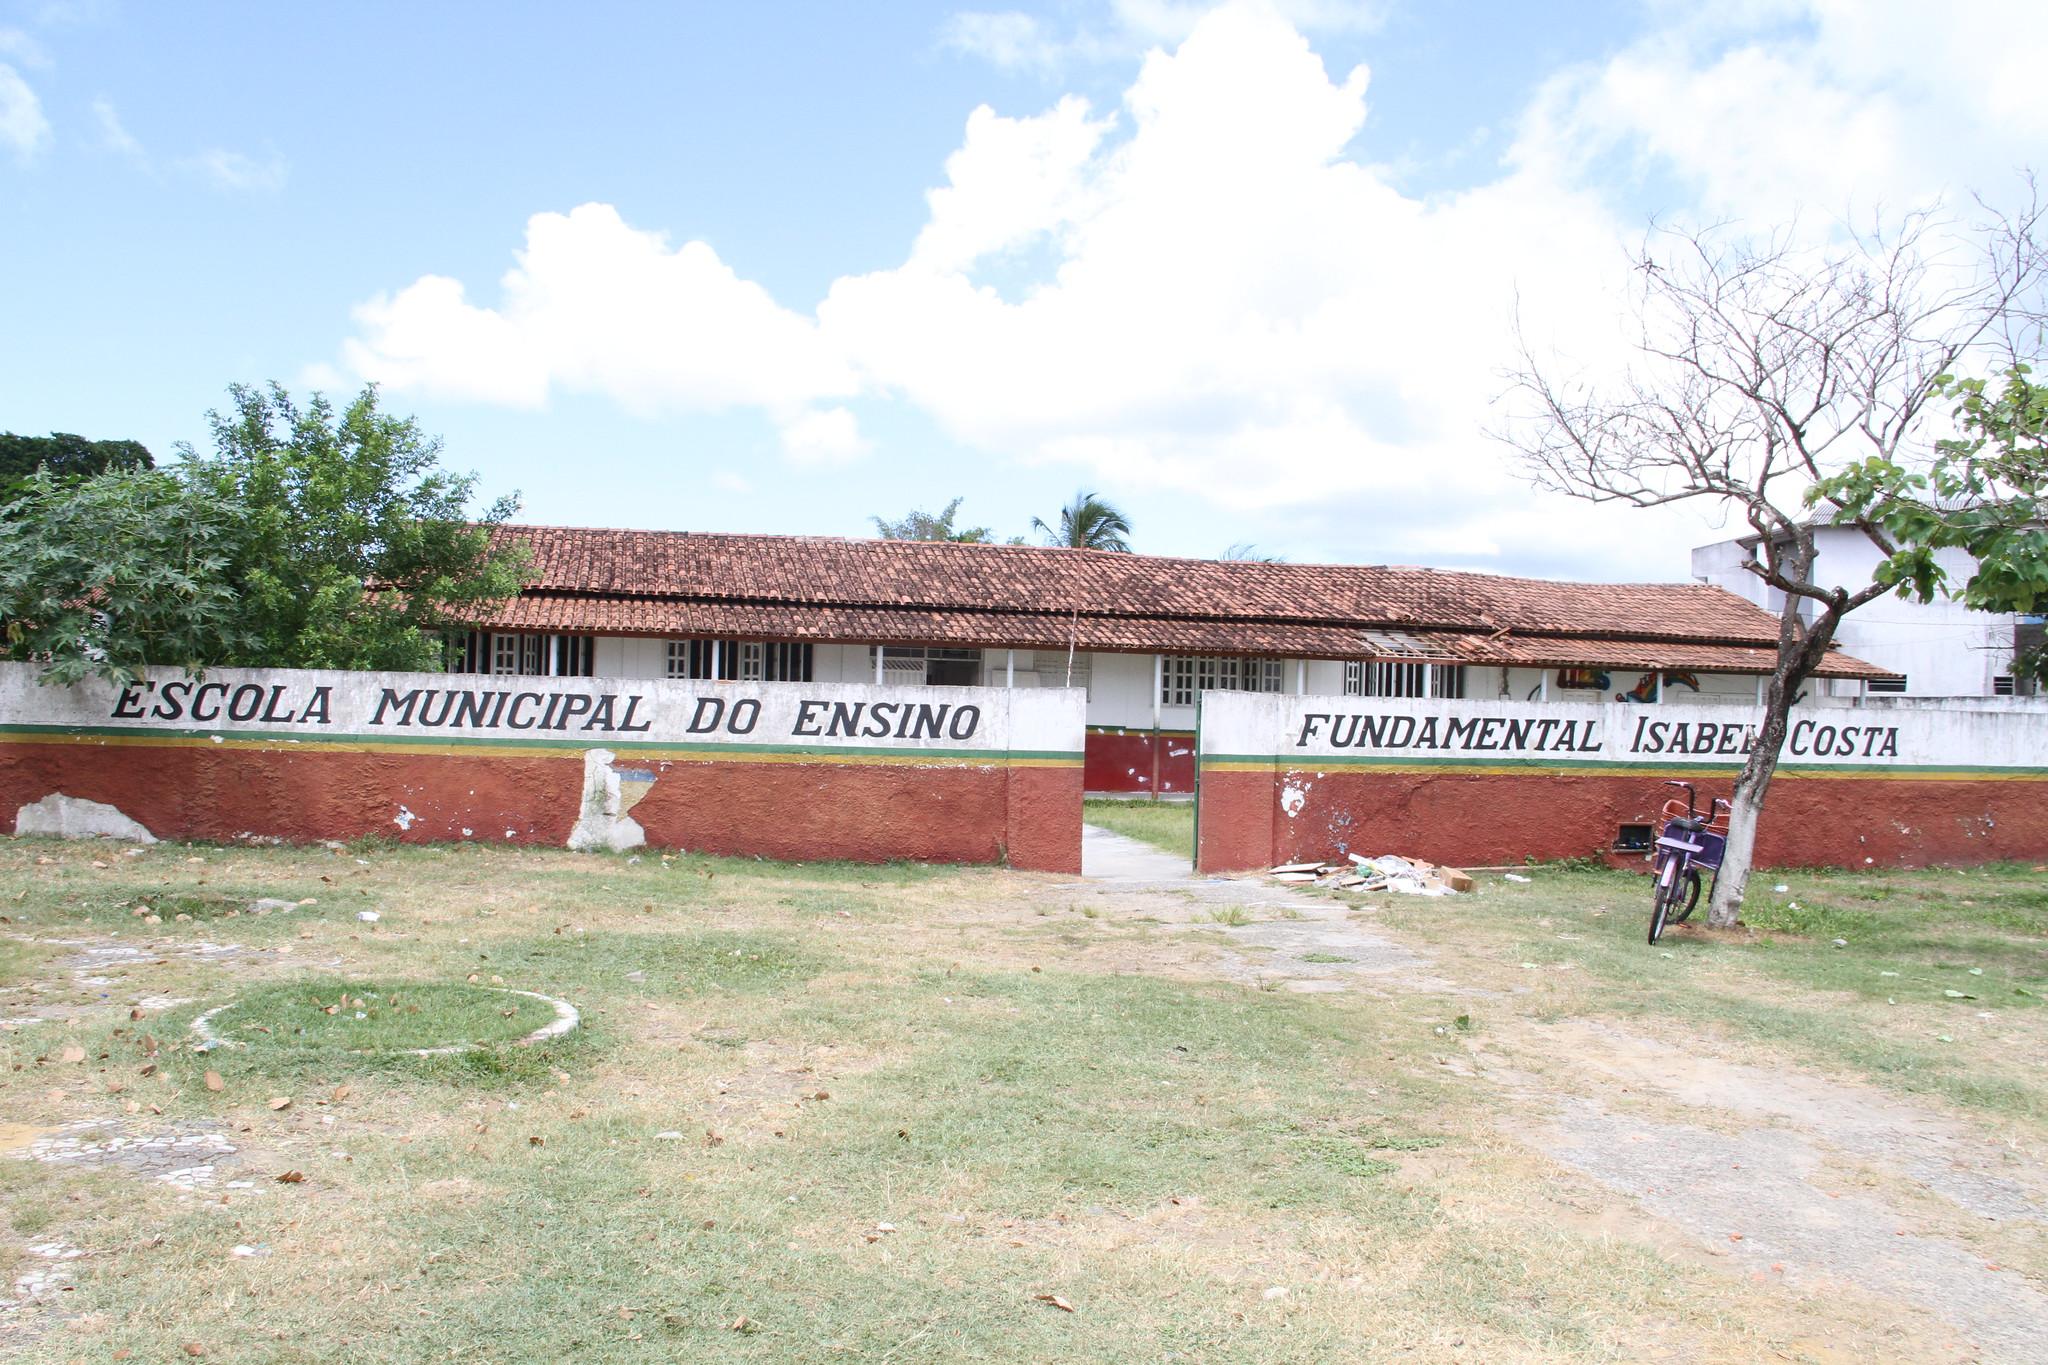 Prédio antigo da Escola Isabel Costa, atual sede da Secretaria de Educação de Caravelas